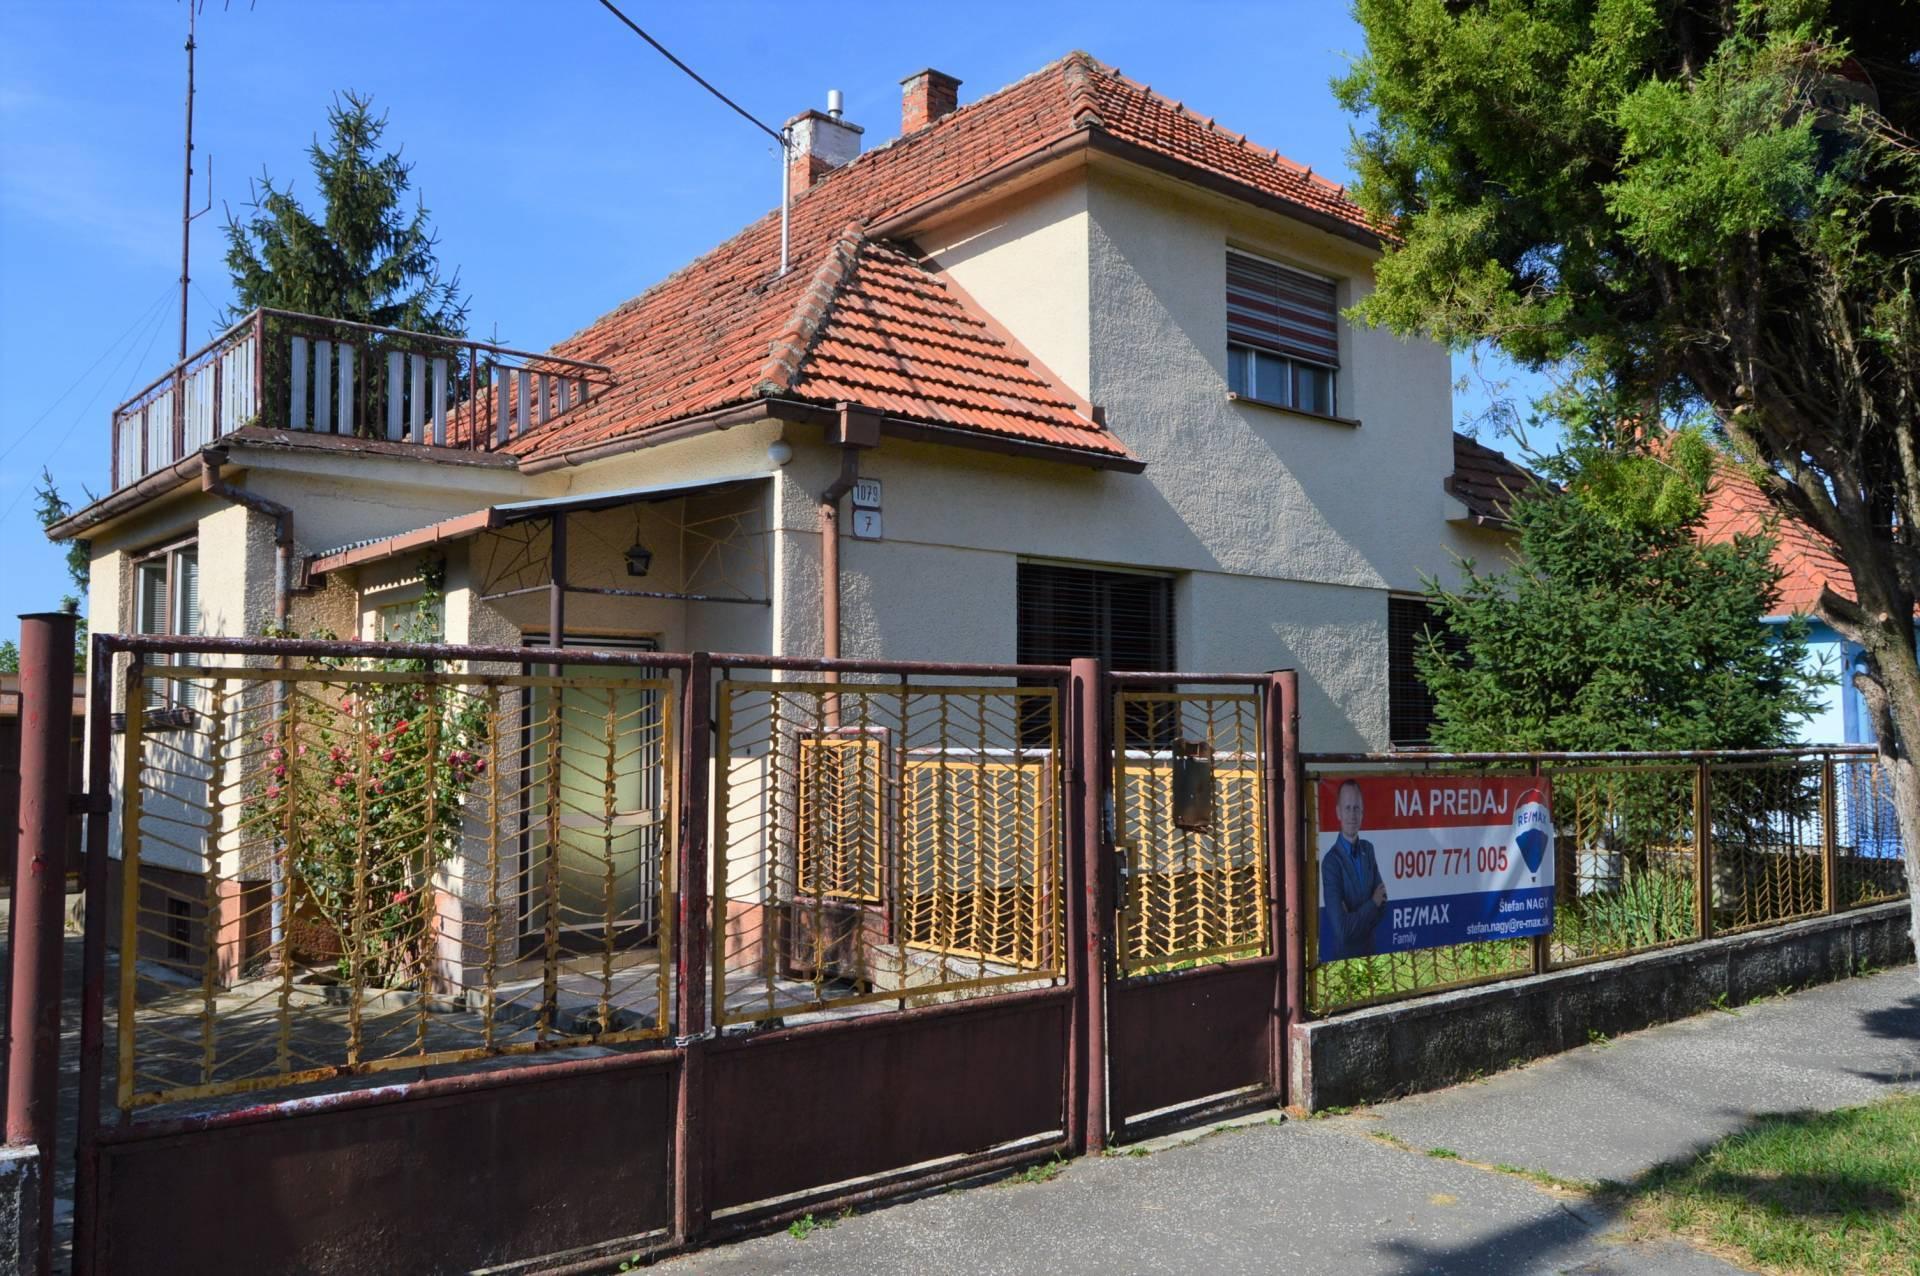 Predaj rodinný dom Zlaté Moravce EXKLUZÍVNE